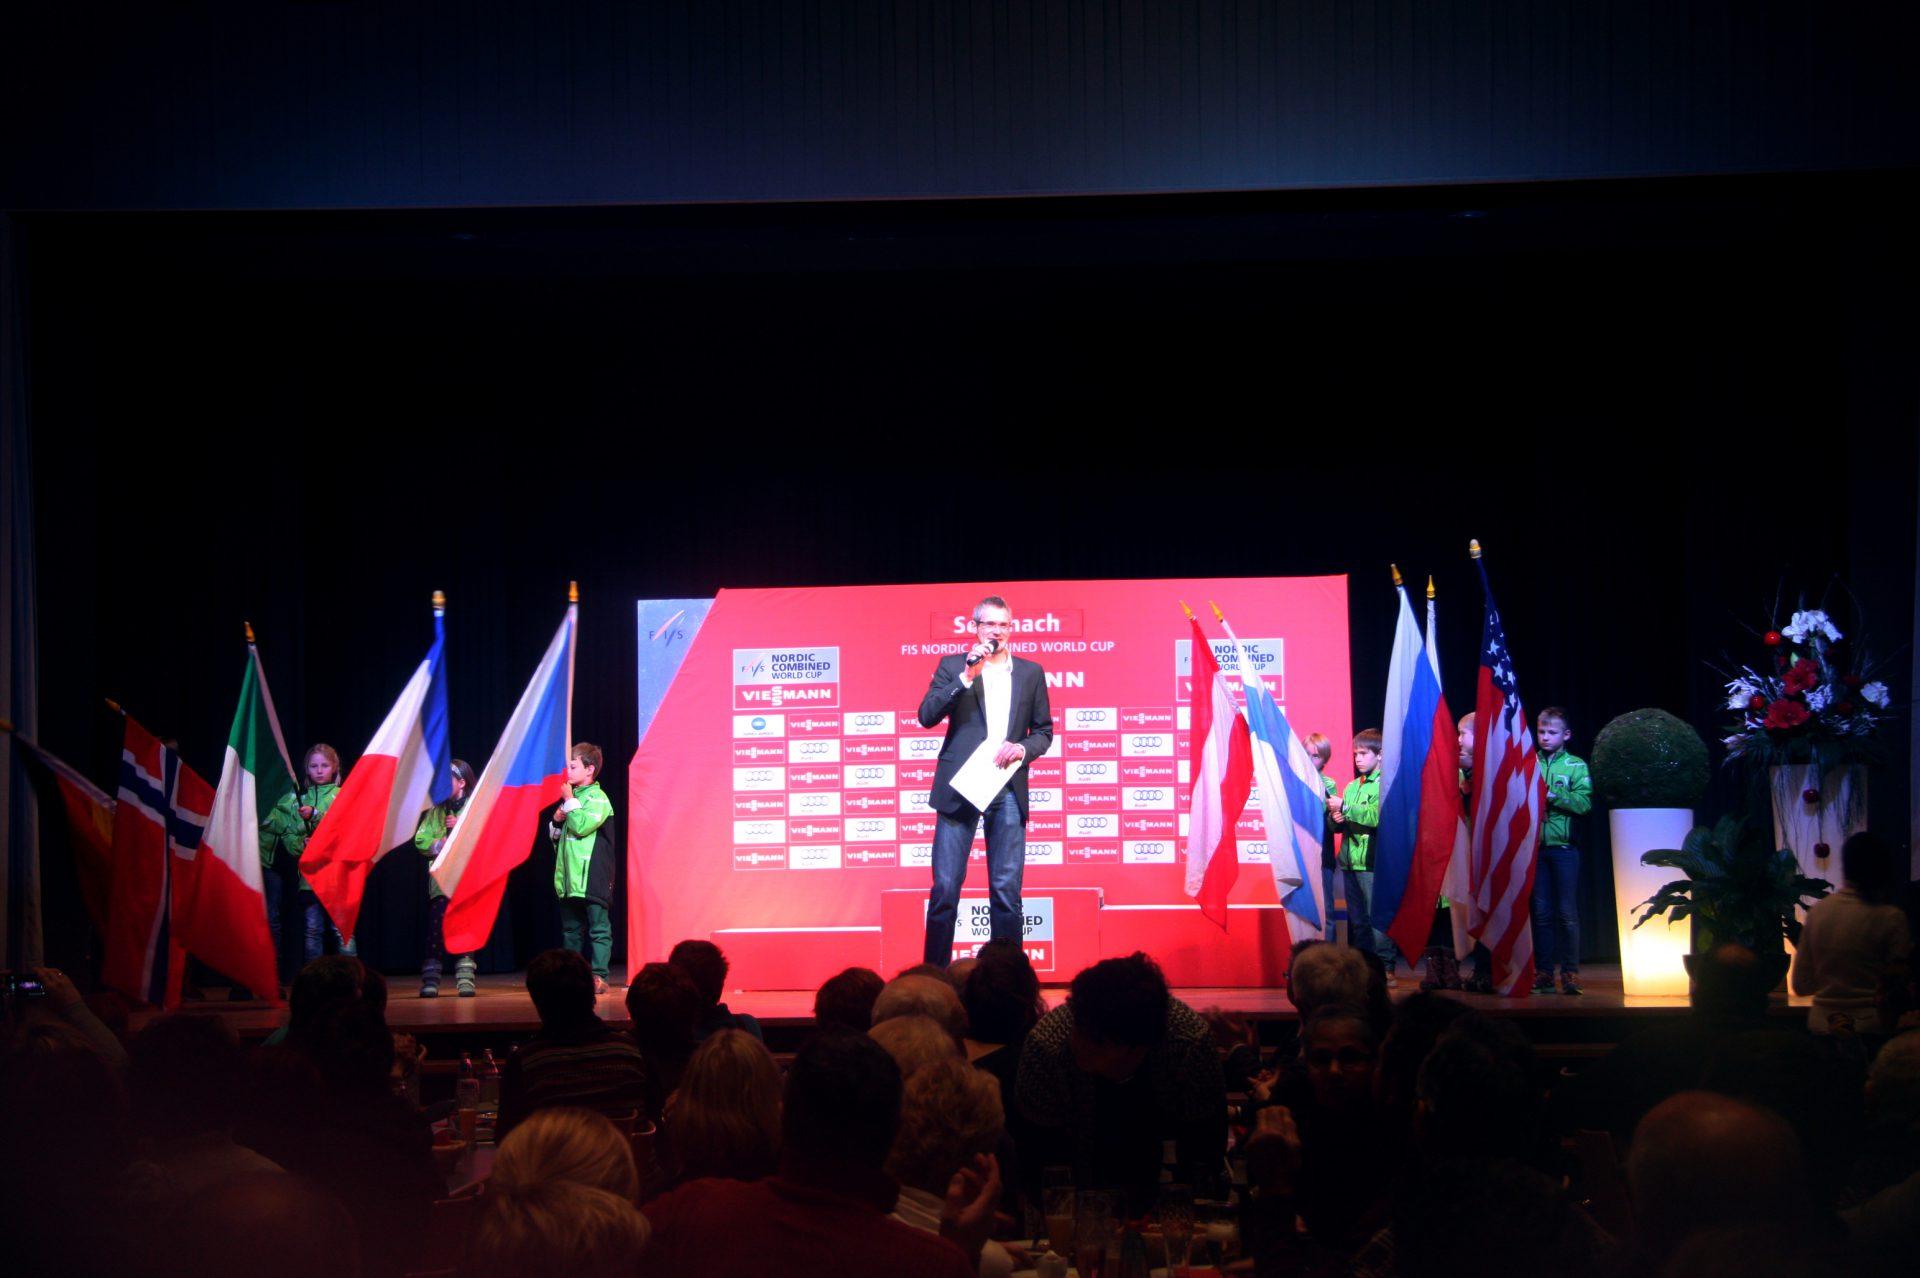 2015 moderierte Stefan Lubowitzki die Siegerehrung des Weltcup Nordische Kombination in Schonach